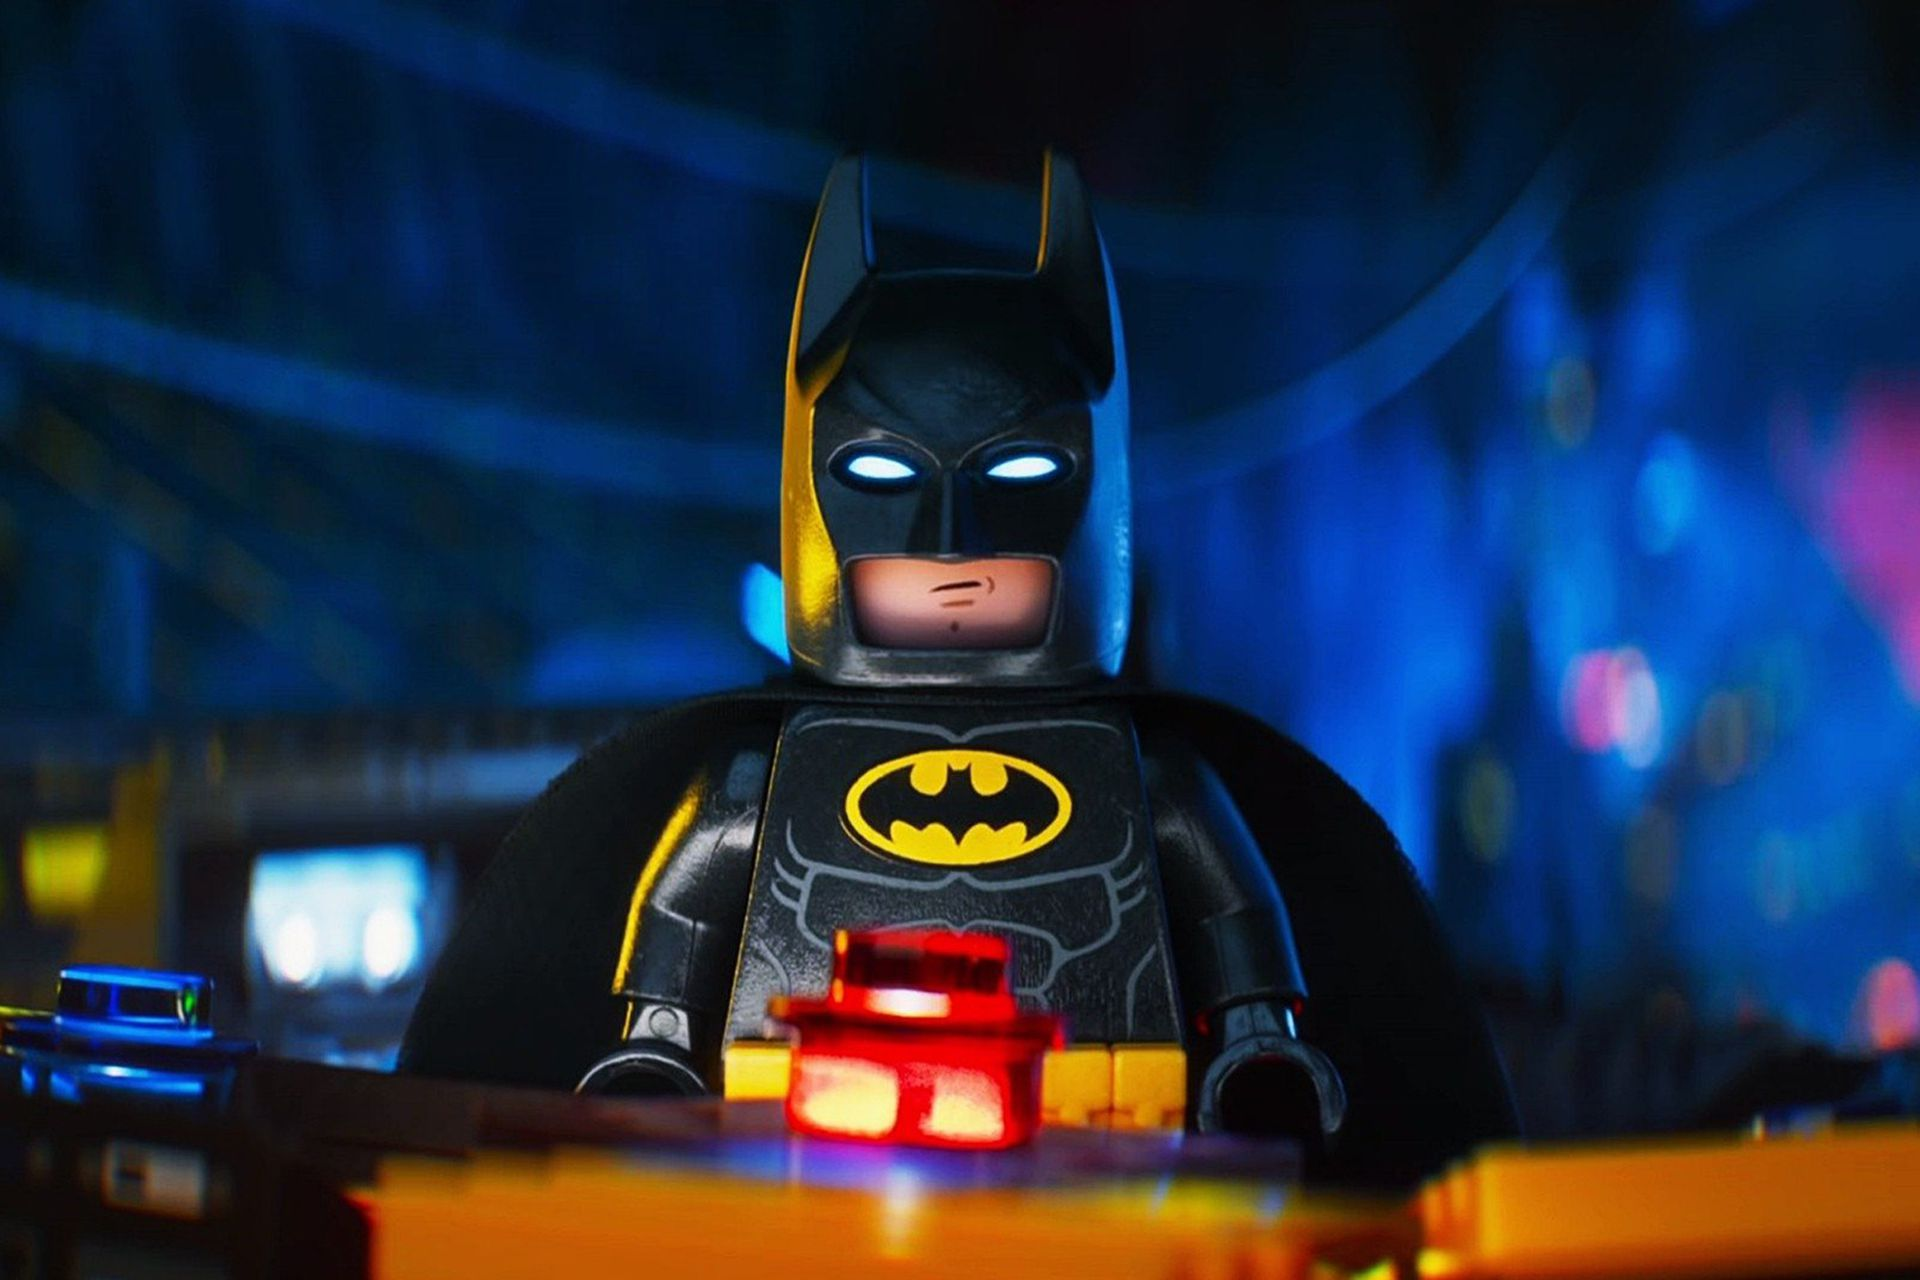 La versión Lego de Batman, con la voz en inglés de Will Arnett